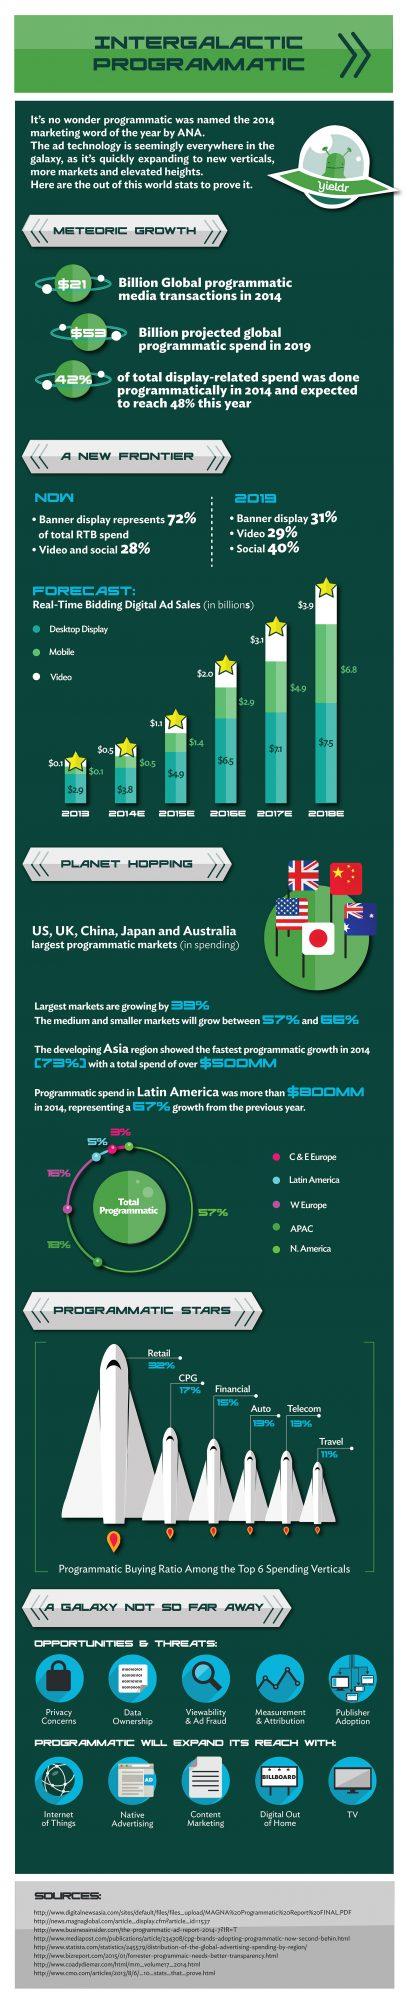 Intergalactic_infographic